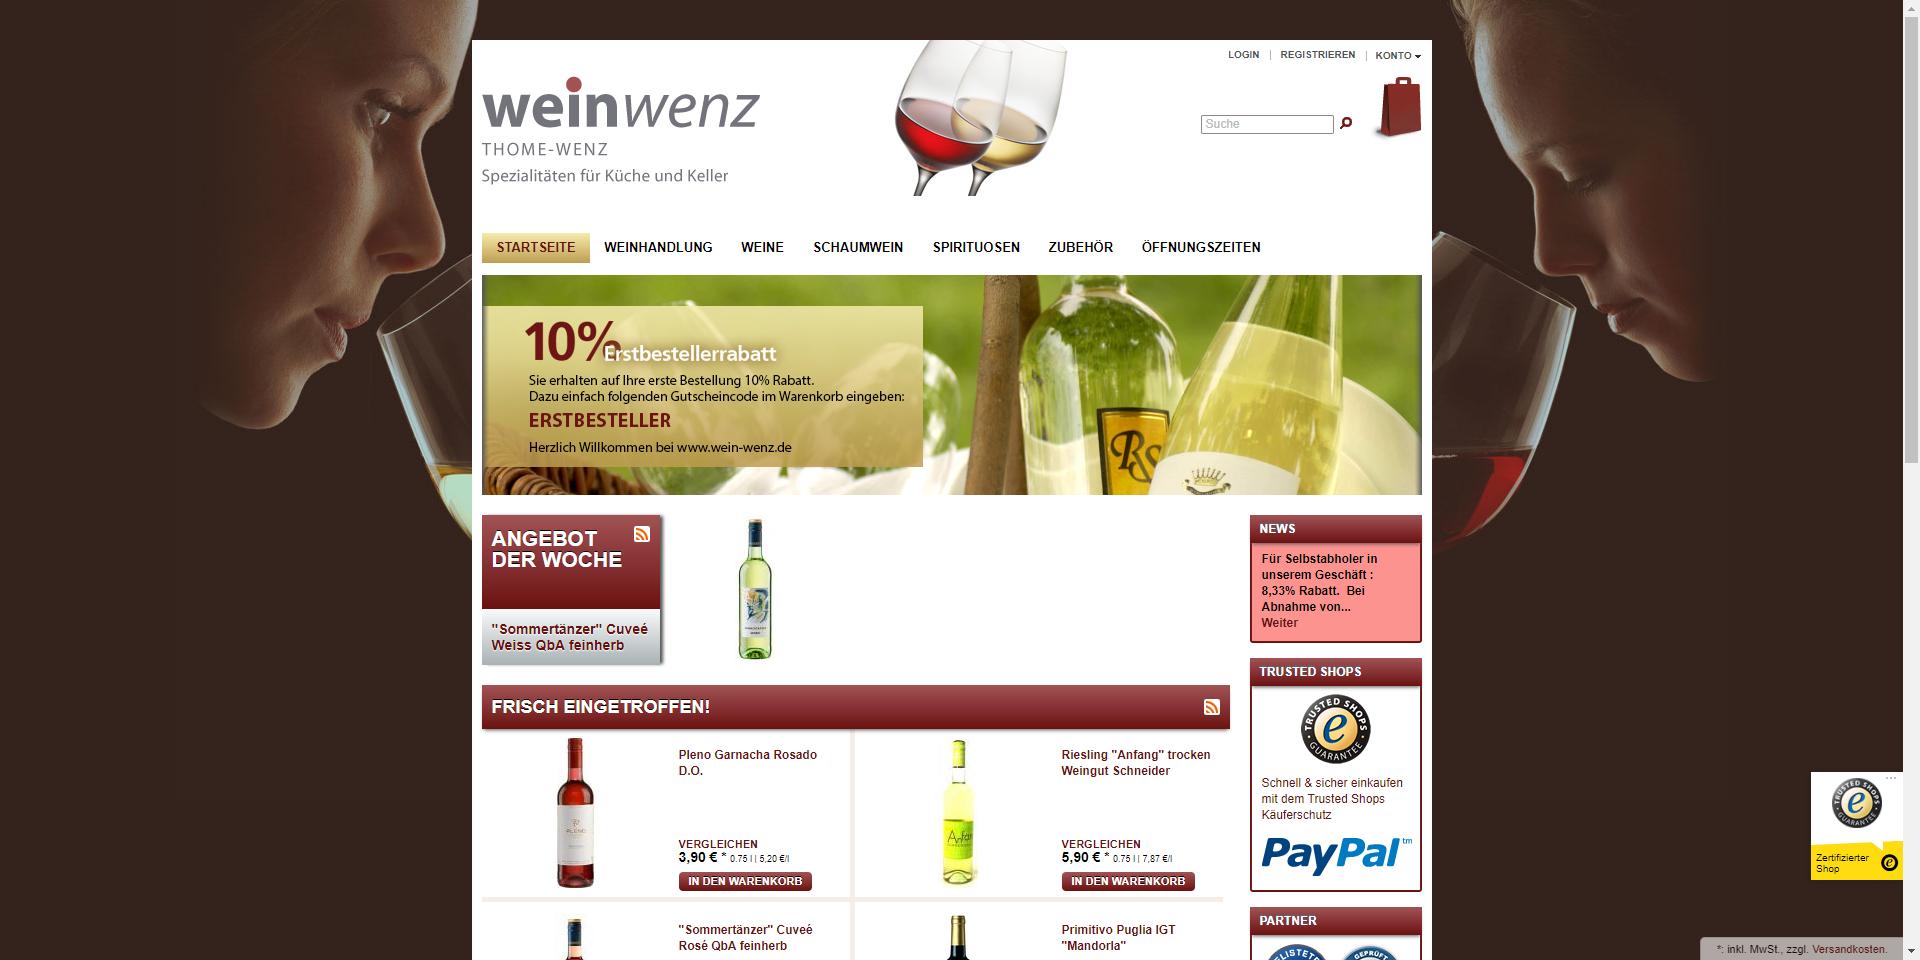 Wein Wenz